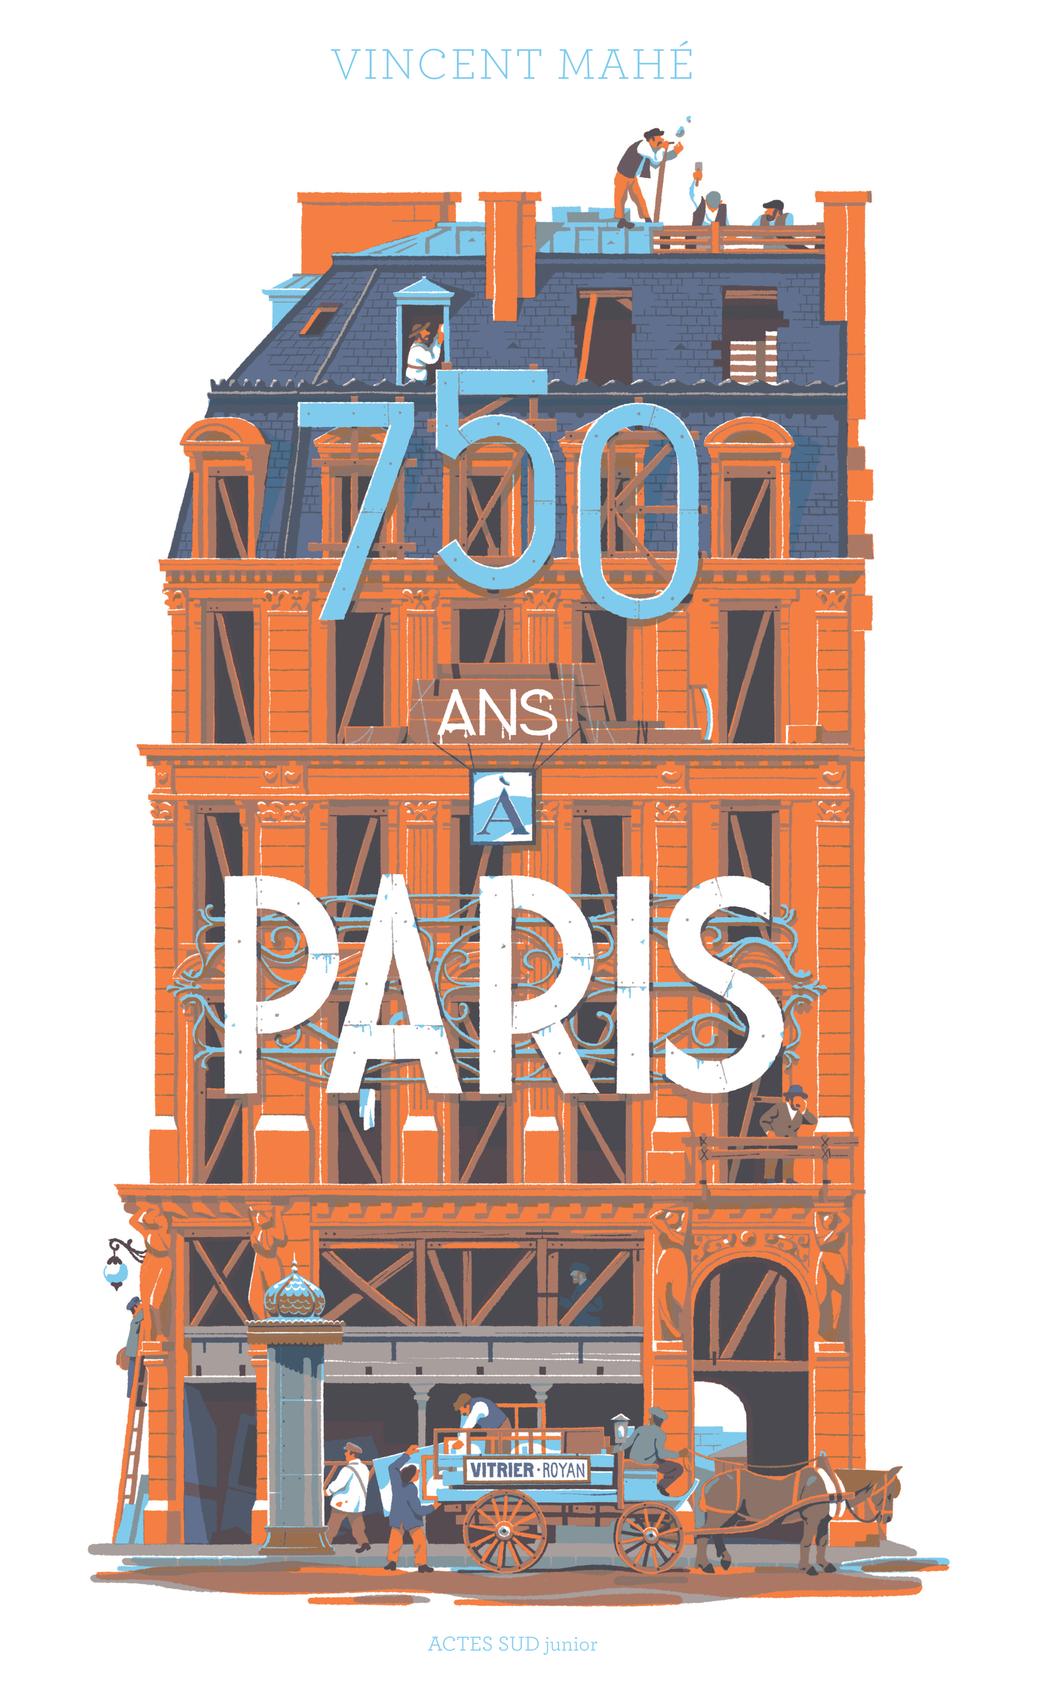 750 ANS A PARIS.